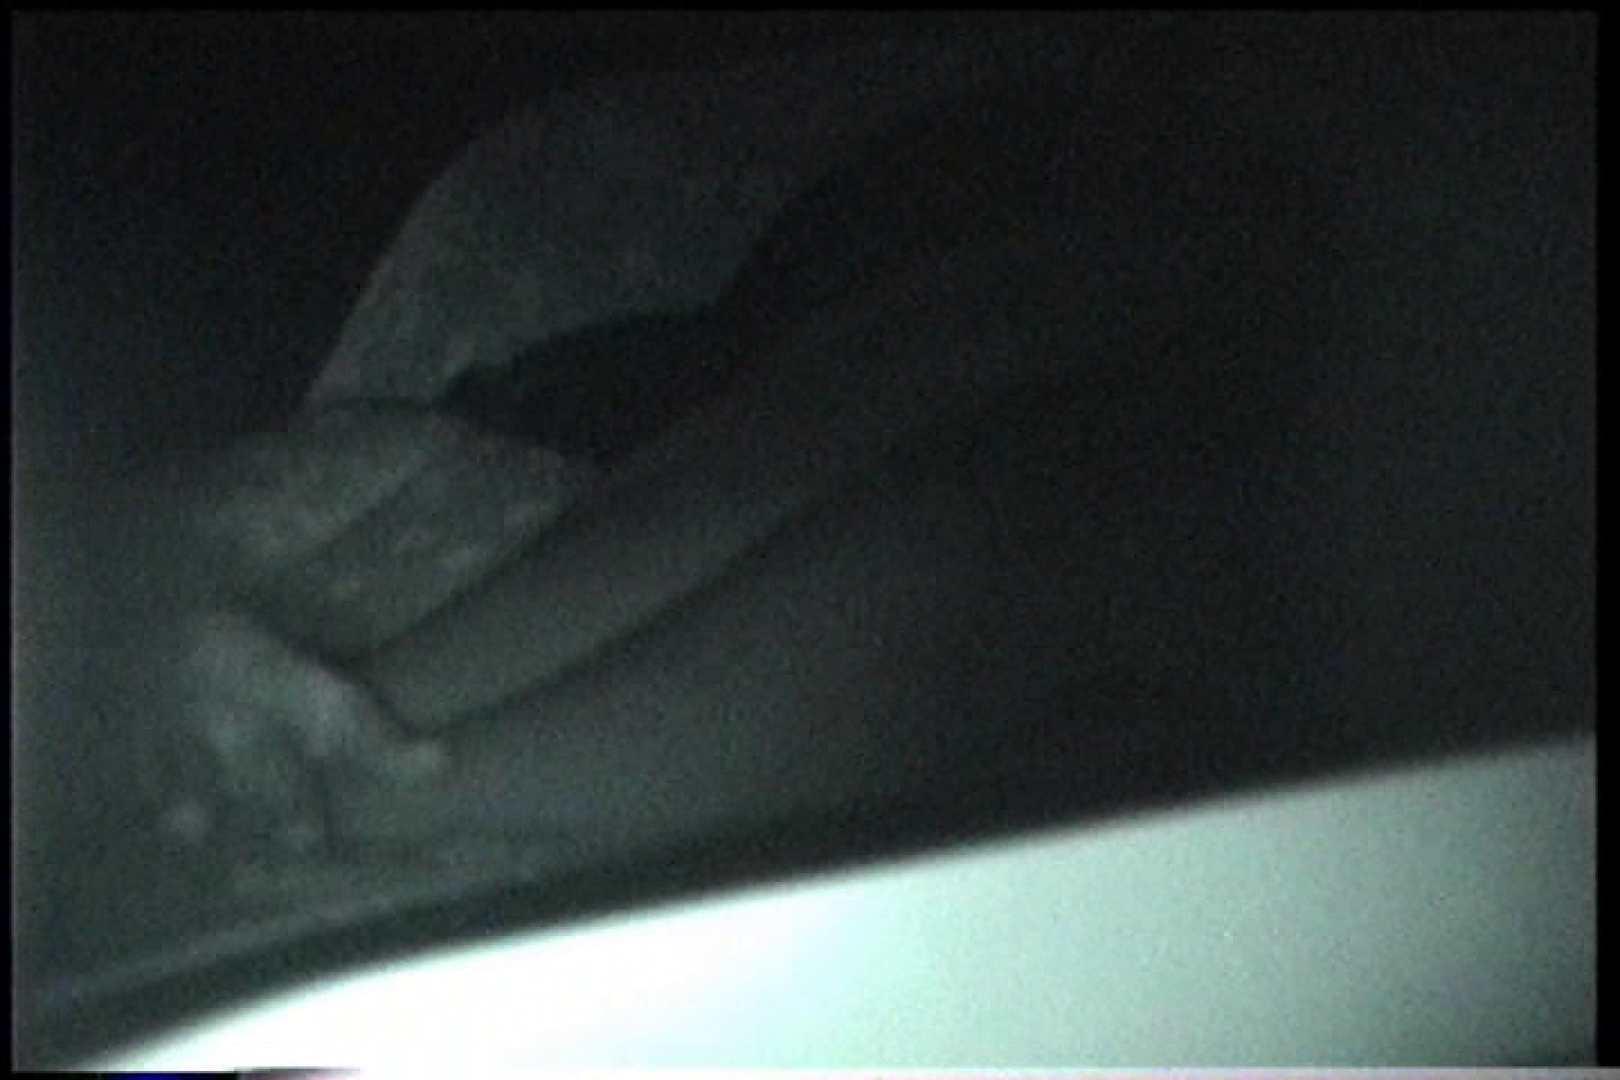 充血監督の深夜の運動会Vol.240 OLエロ画像 | 0  62PICs 33